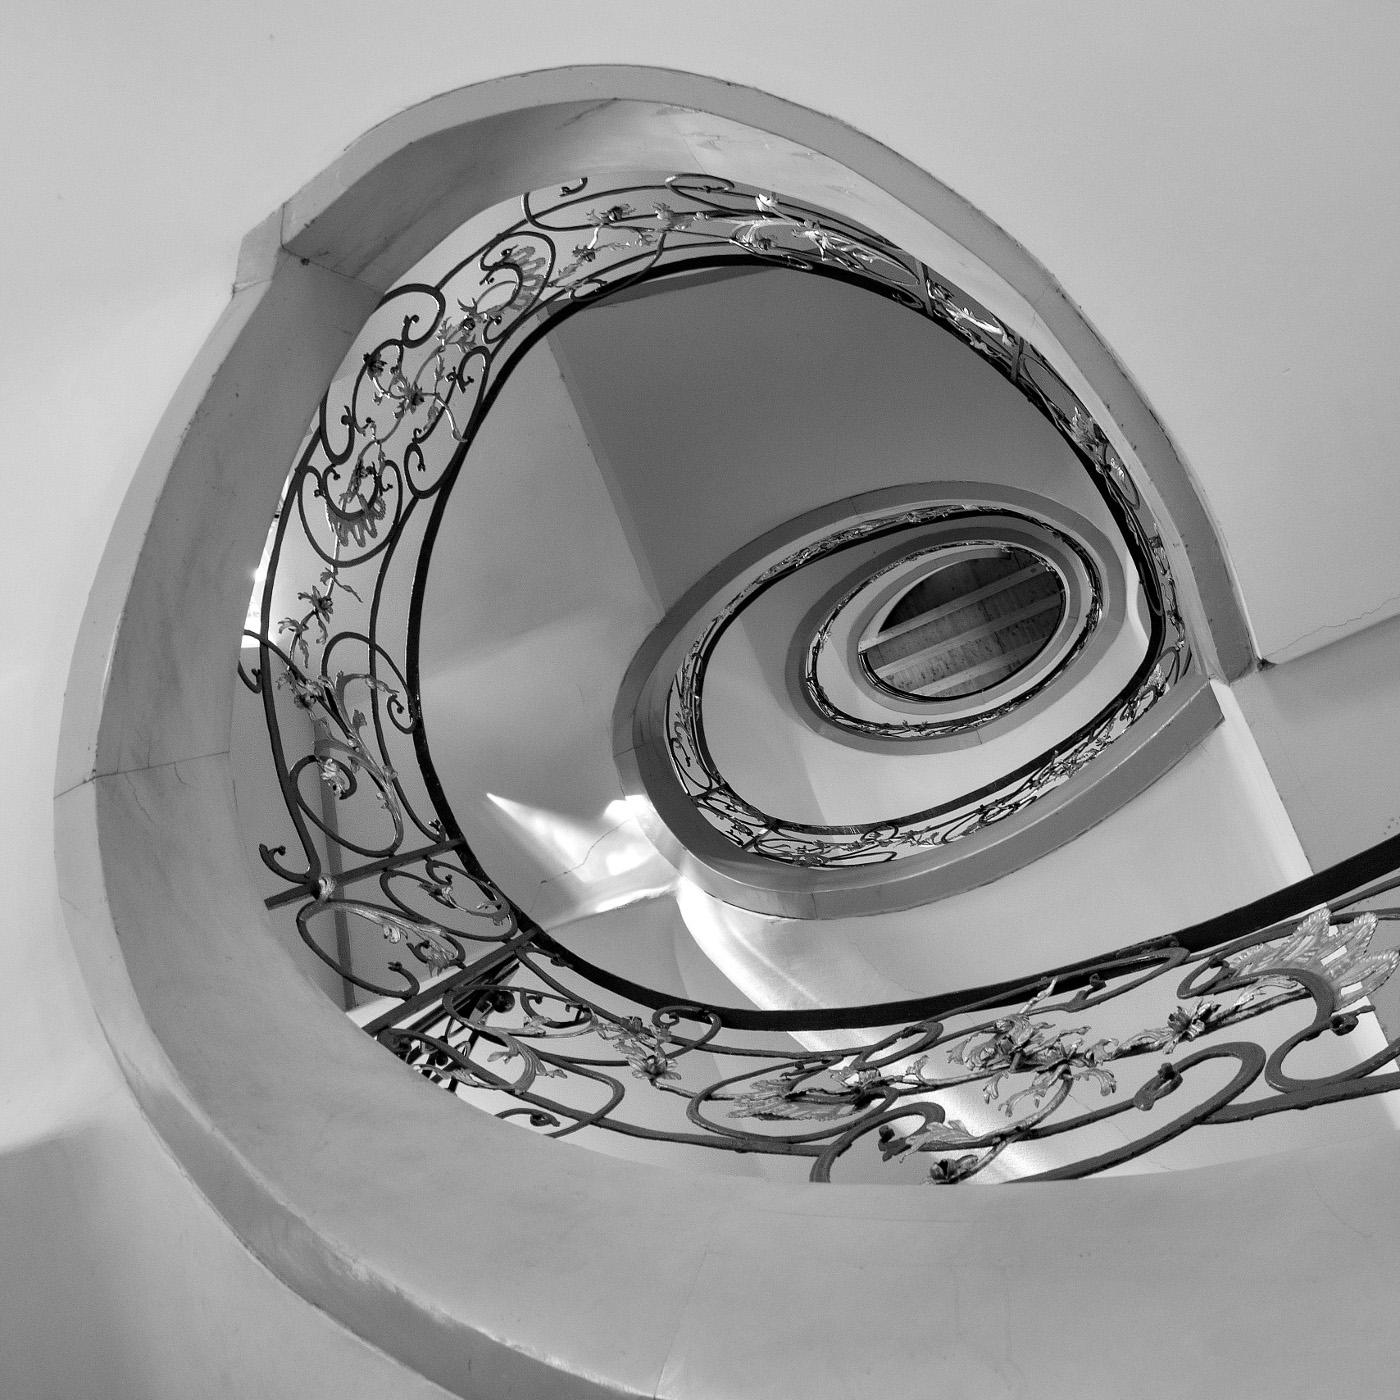 Like an snail | © wolfgang röser